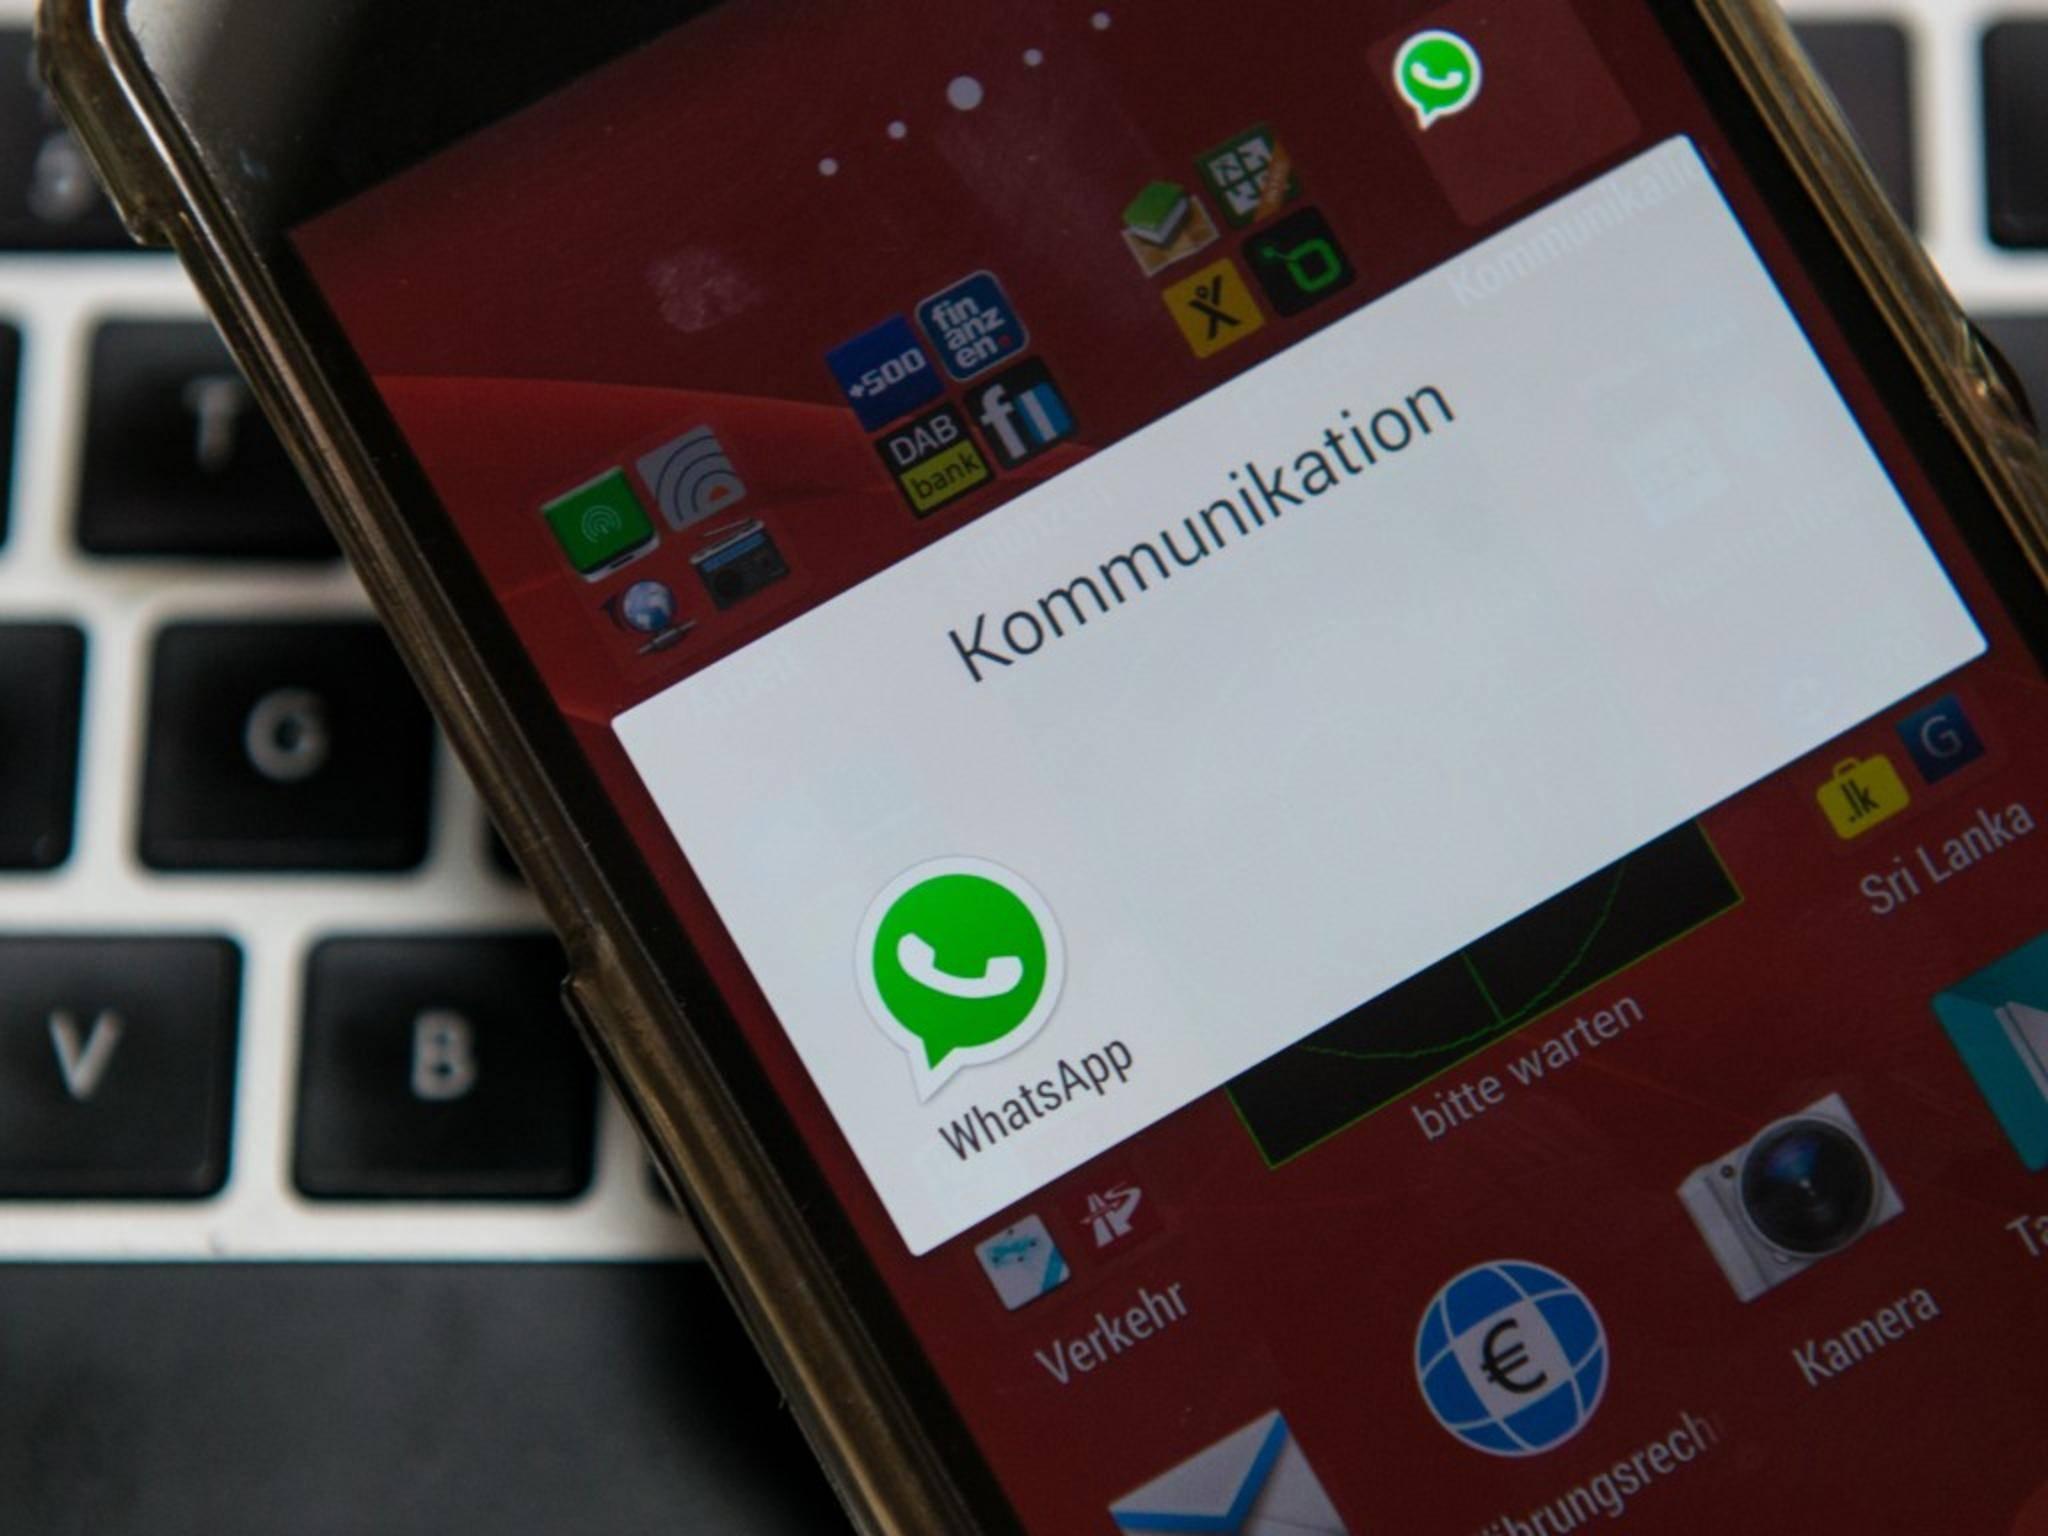 Auf Android-Smartphones funktioniert die WhatsApp-Telefonfunktion bereits.